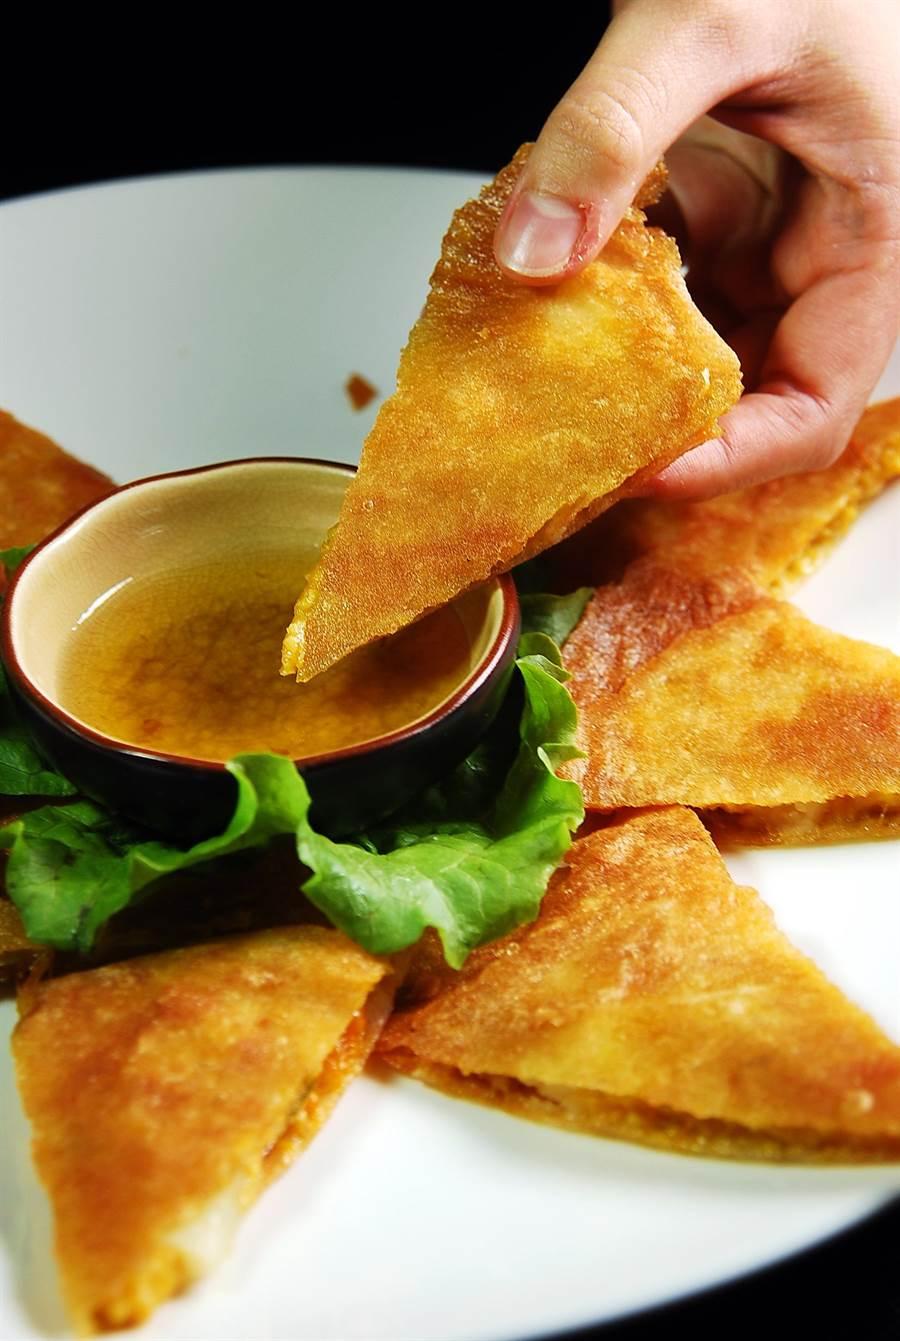 用春捲皮作的〈月亮餅〉,是用馬鈴薯和南瓜泥混合作餡,吃食時可以沾著用羅旺子與地瓜粉調製的醬汁提味。(圖/姚舜攝)